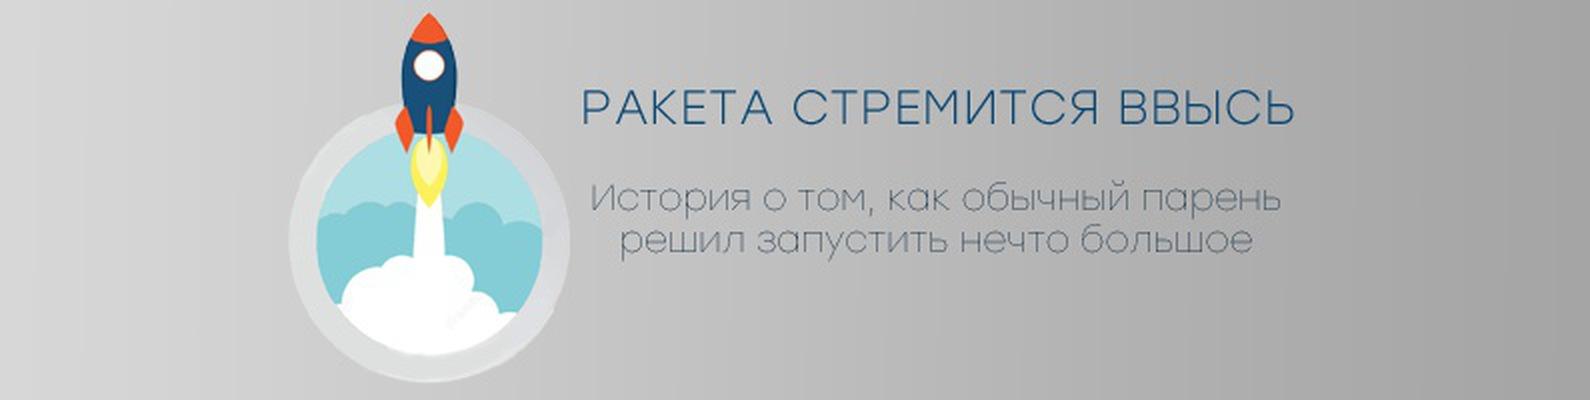 af8870c1146f Ракета стремится ввысь   ВКонтакте